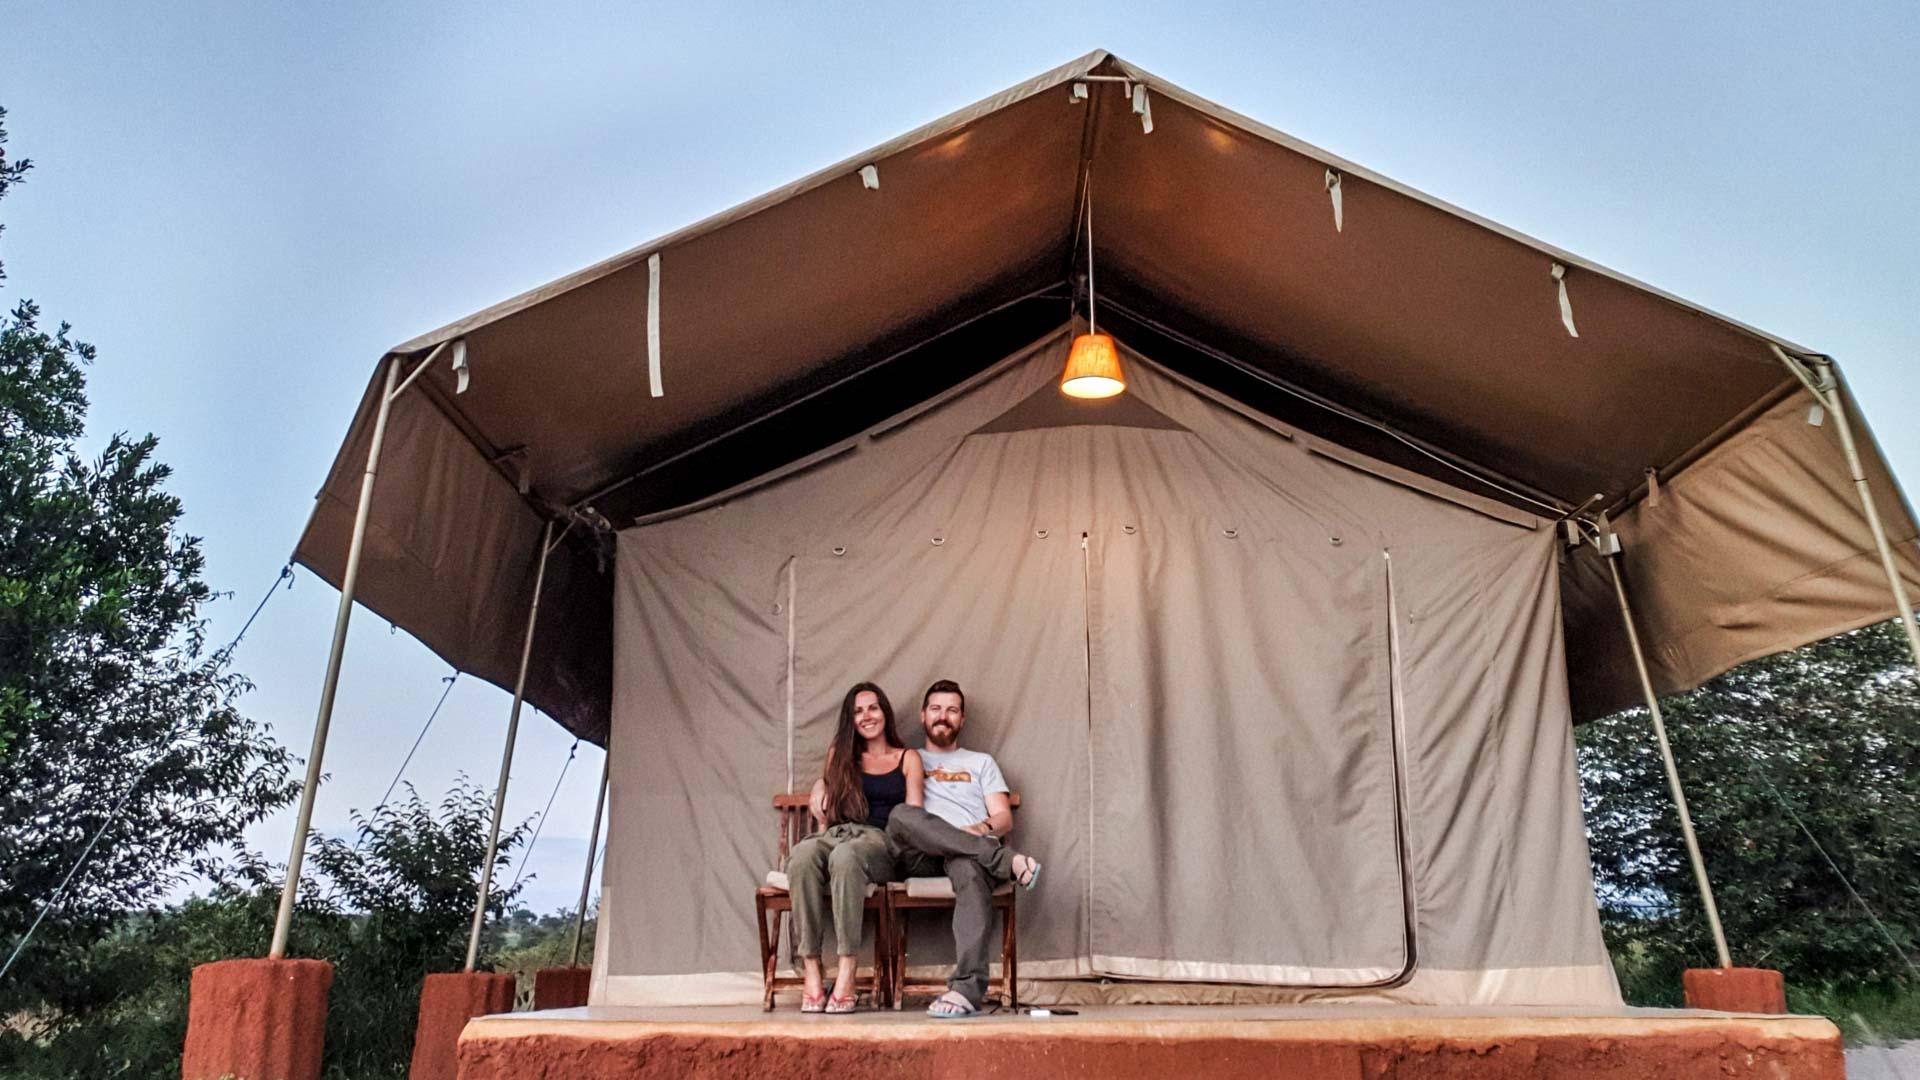 Nuestra tienda de campaña, Enkorok Mara Camp